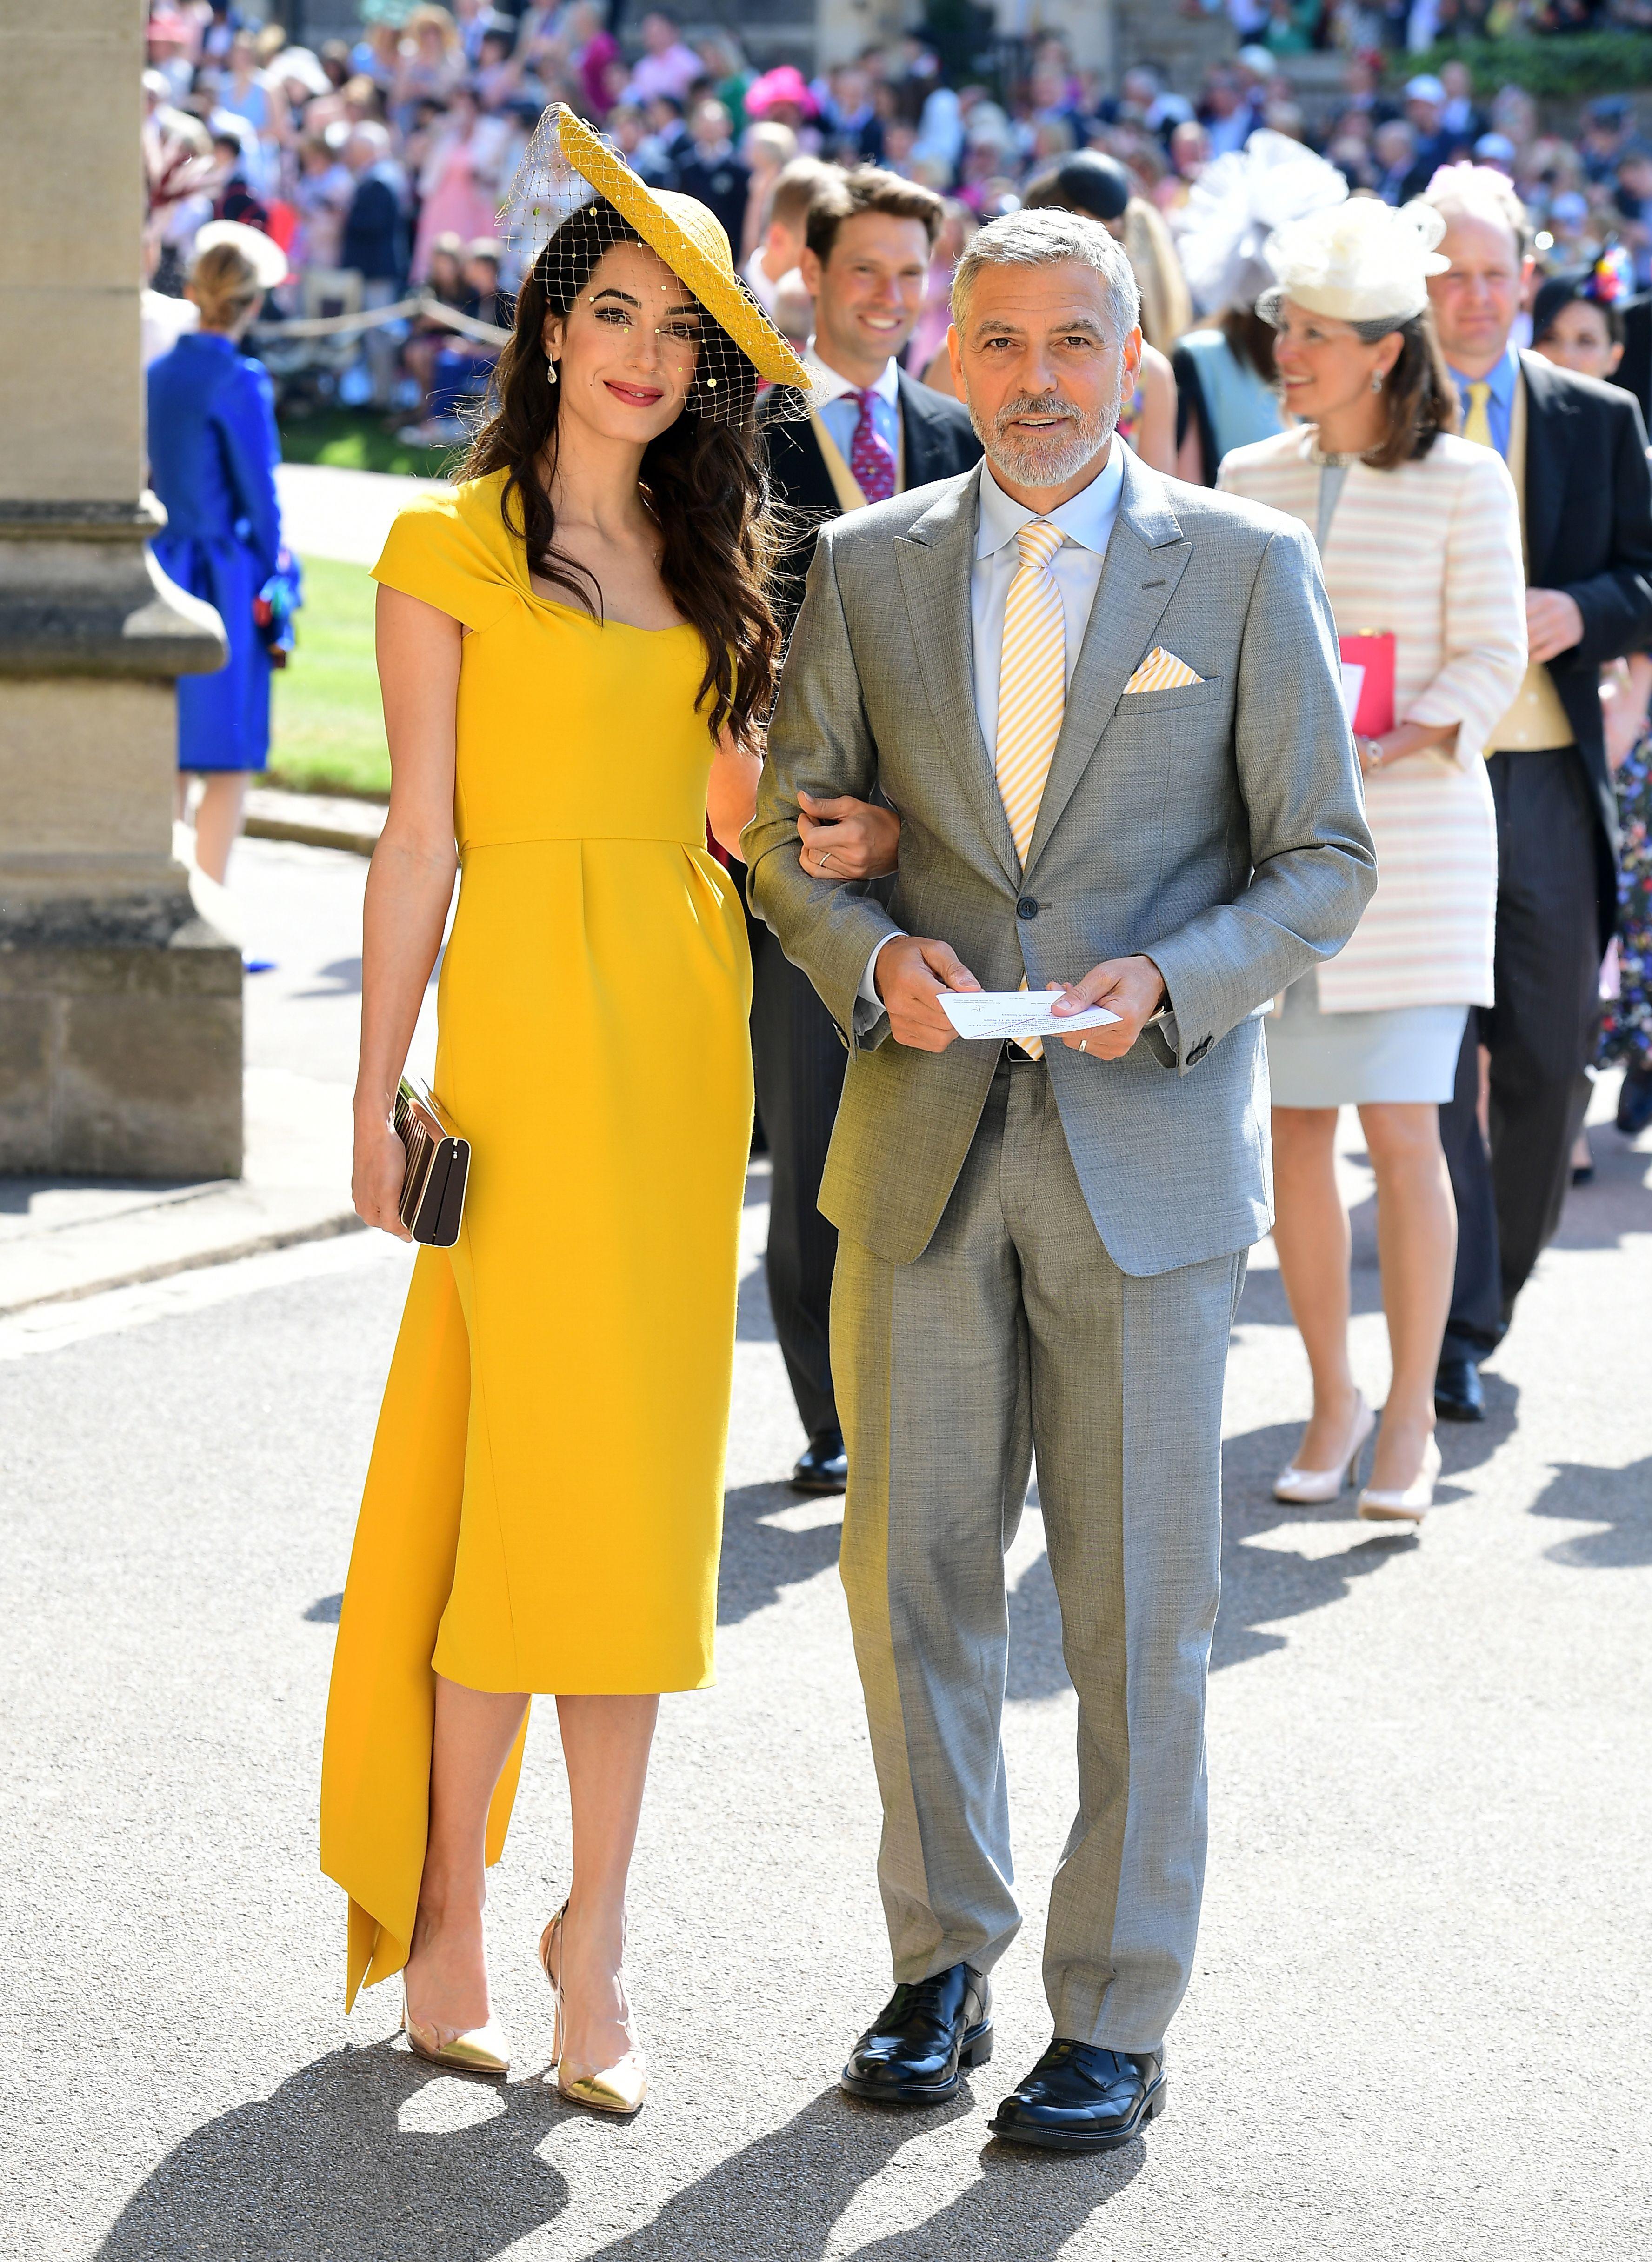 Amal Clooney, Victoria Beckham, Pippa Middleton... Uzvanice na kraljevskom vjenčanju izgledaju spektakularno!